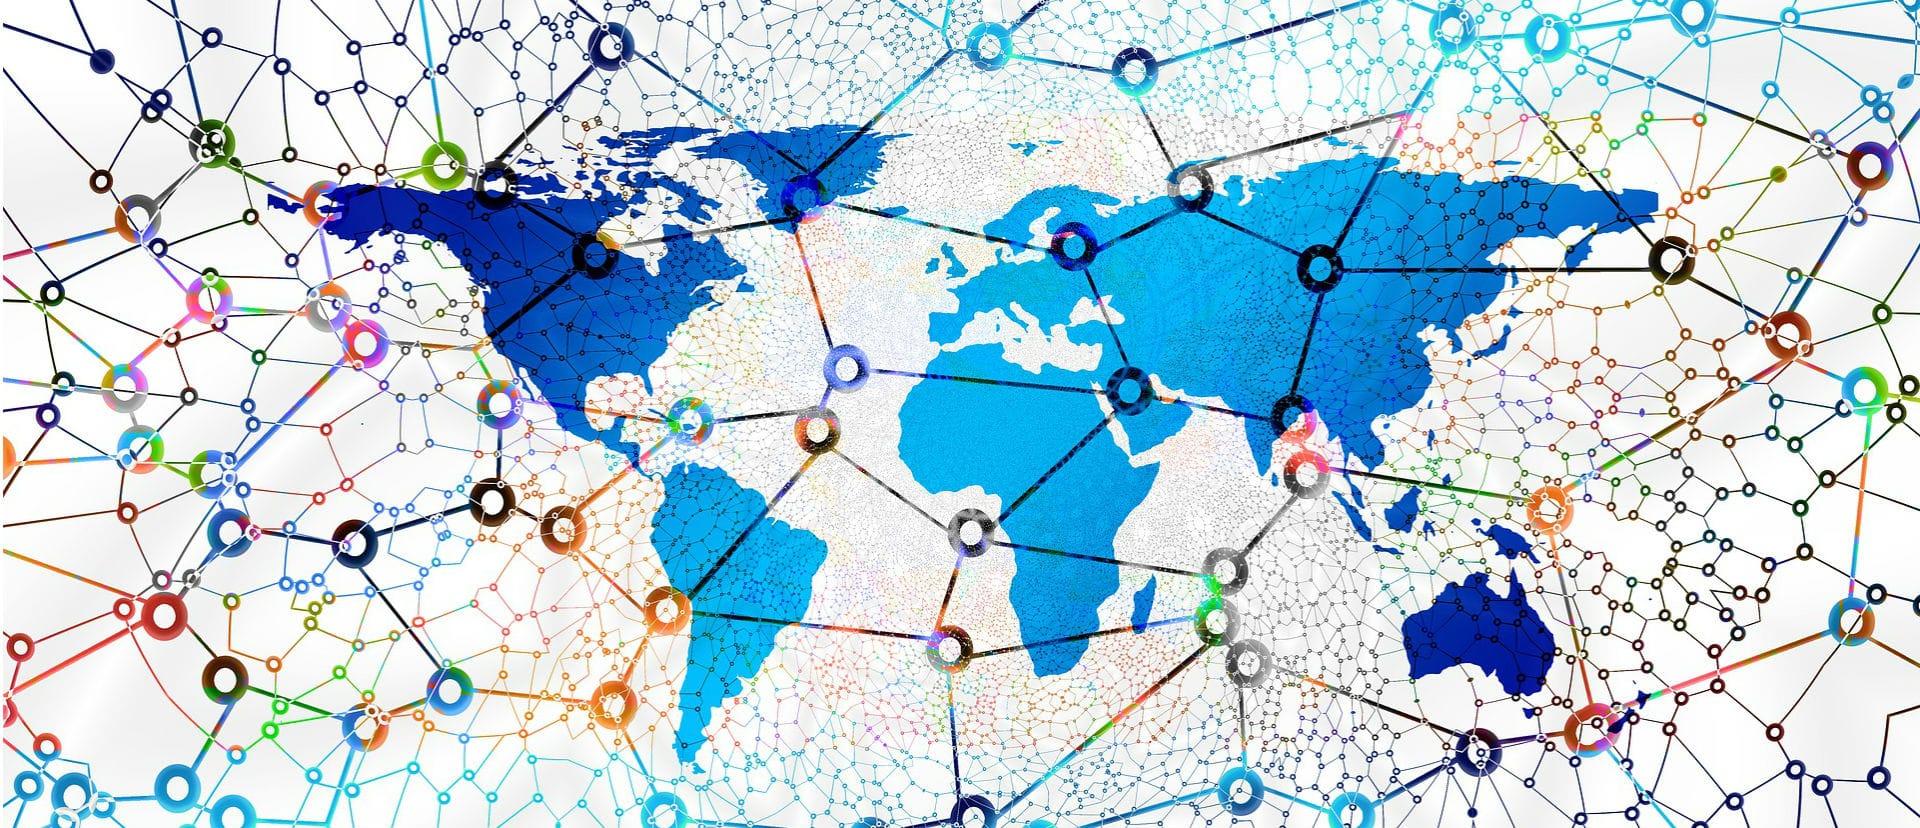 Los negocios internacionales han encontrado en Internet un aliado